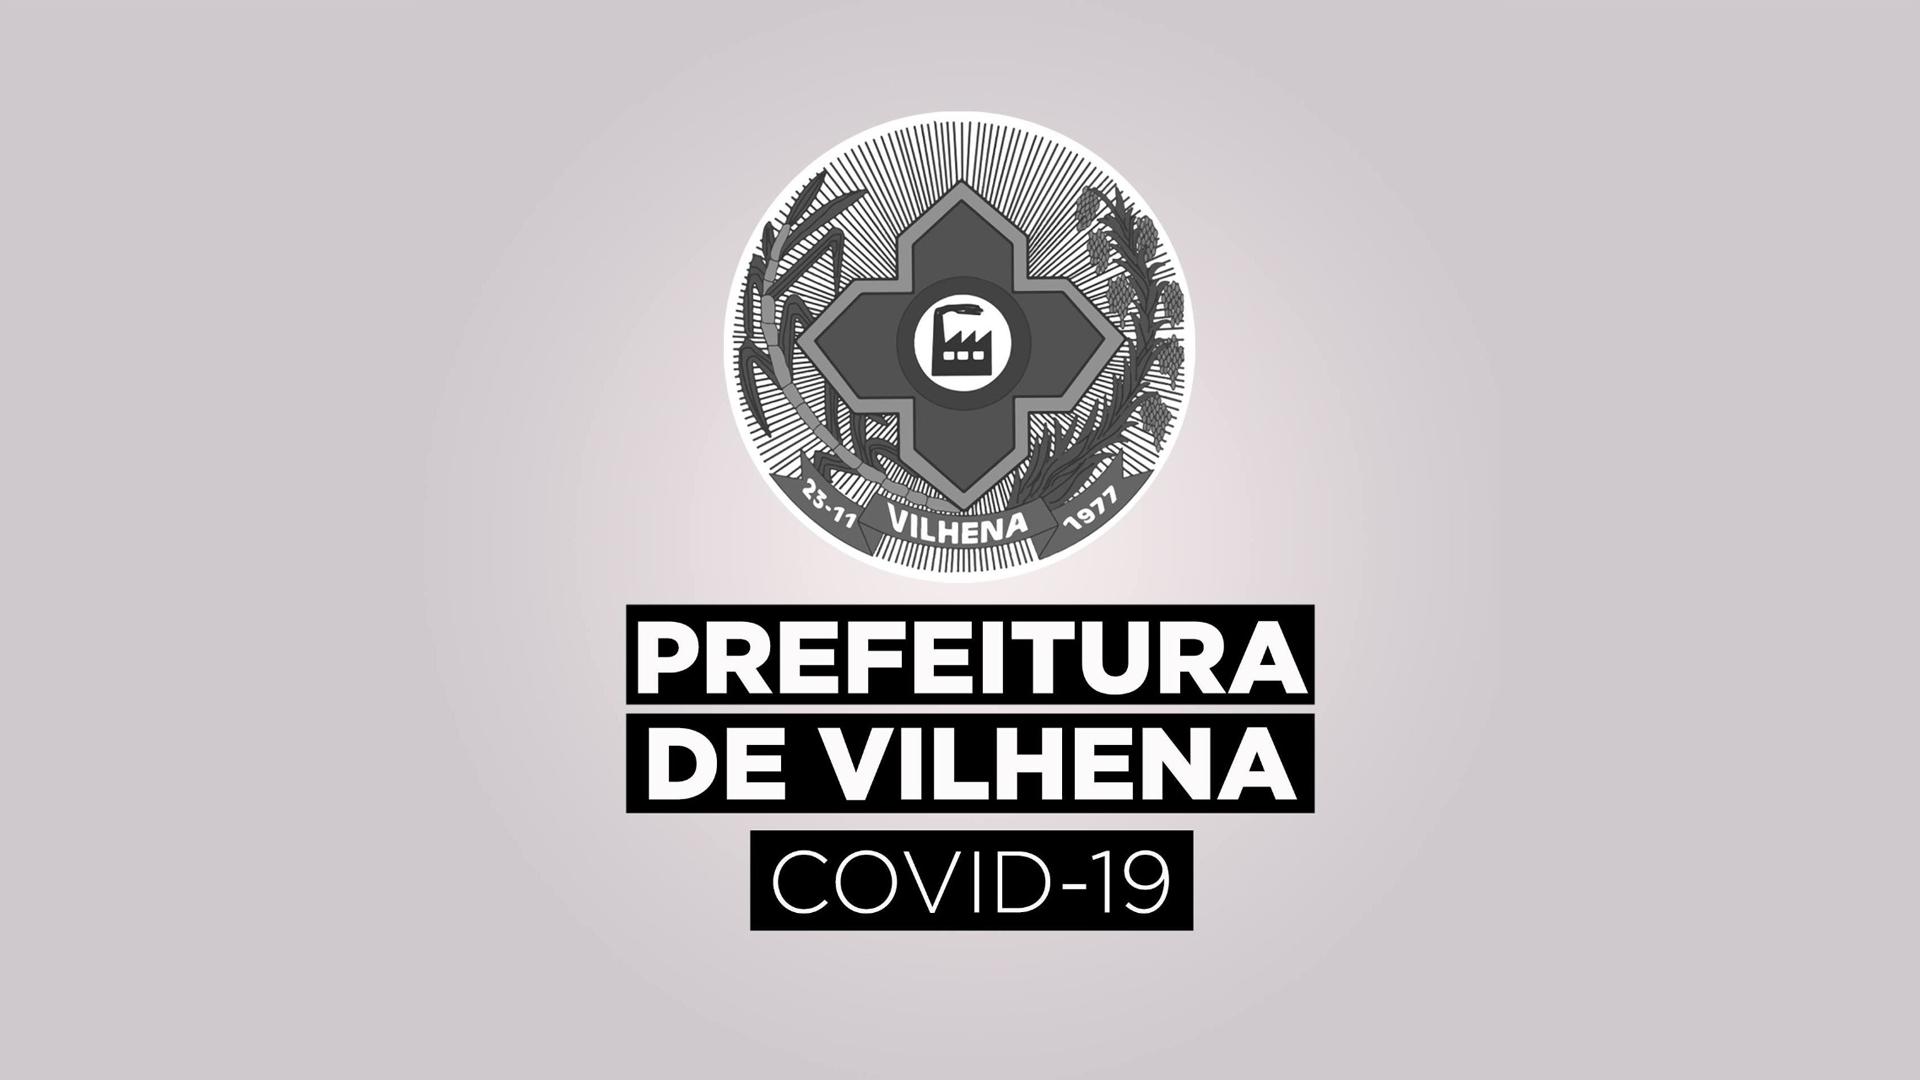 BOLETIM PMV Nº 451 - 09/06/21 - CORONAVÍRUS (COVID-19)